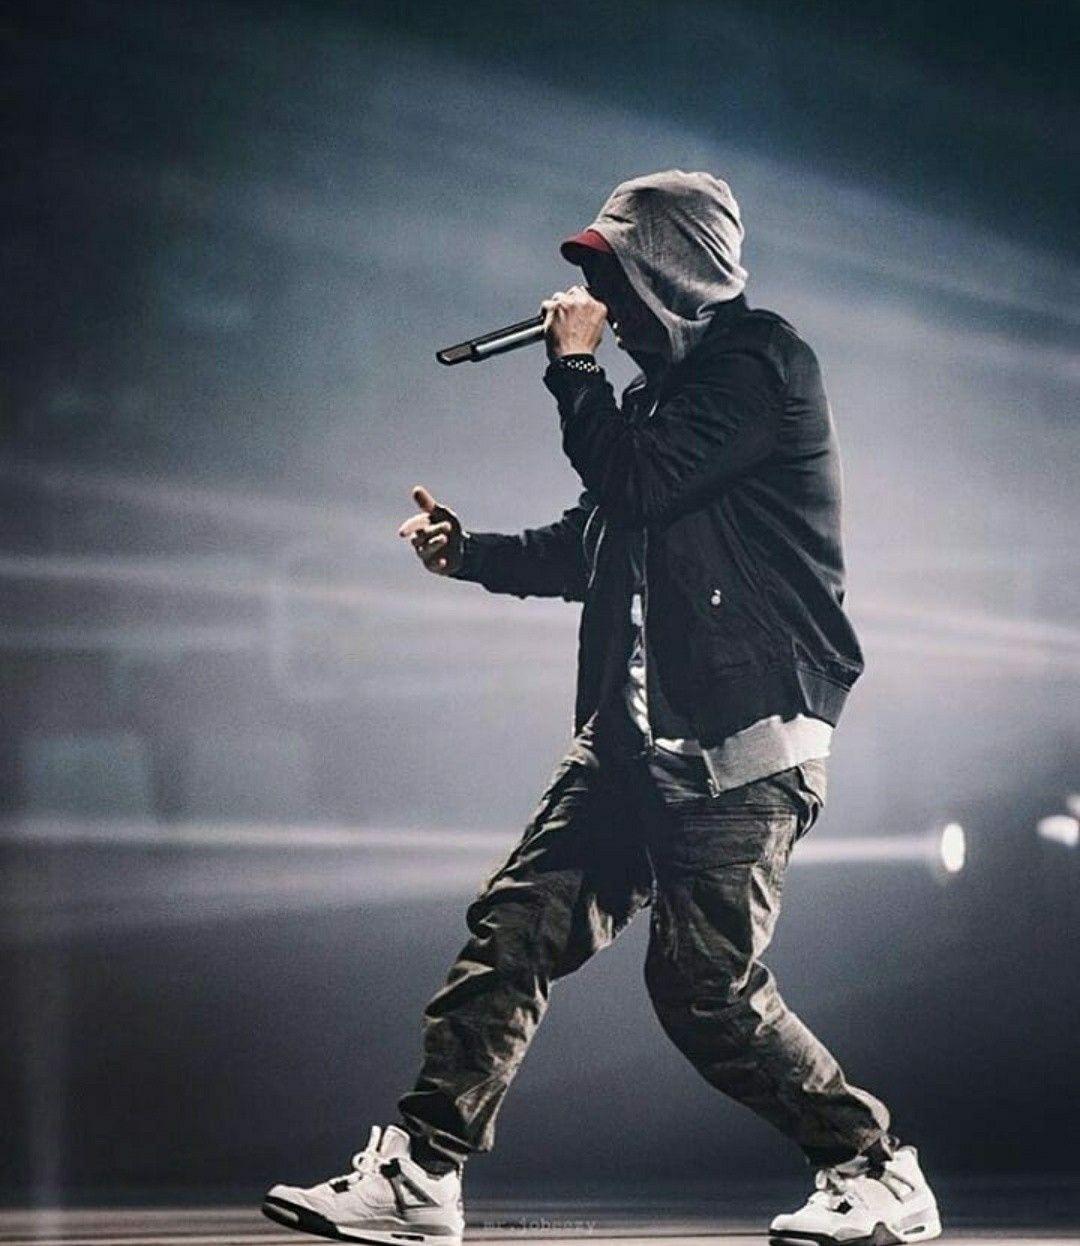 Pin by Suma on EMINƎM♥️ Eminem rap, Eminem style, Eminem